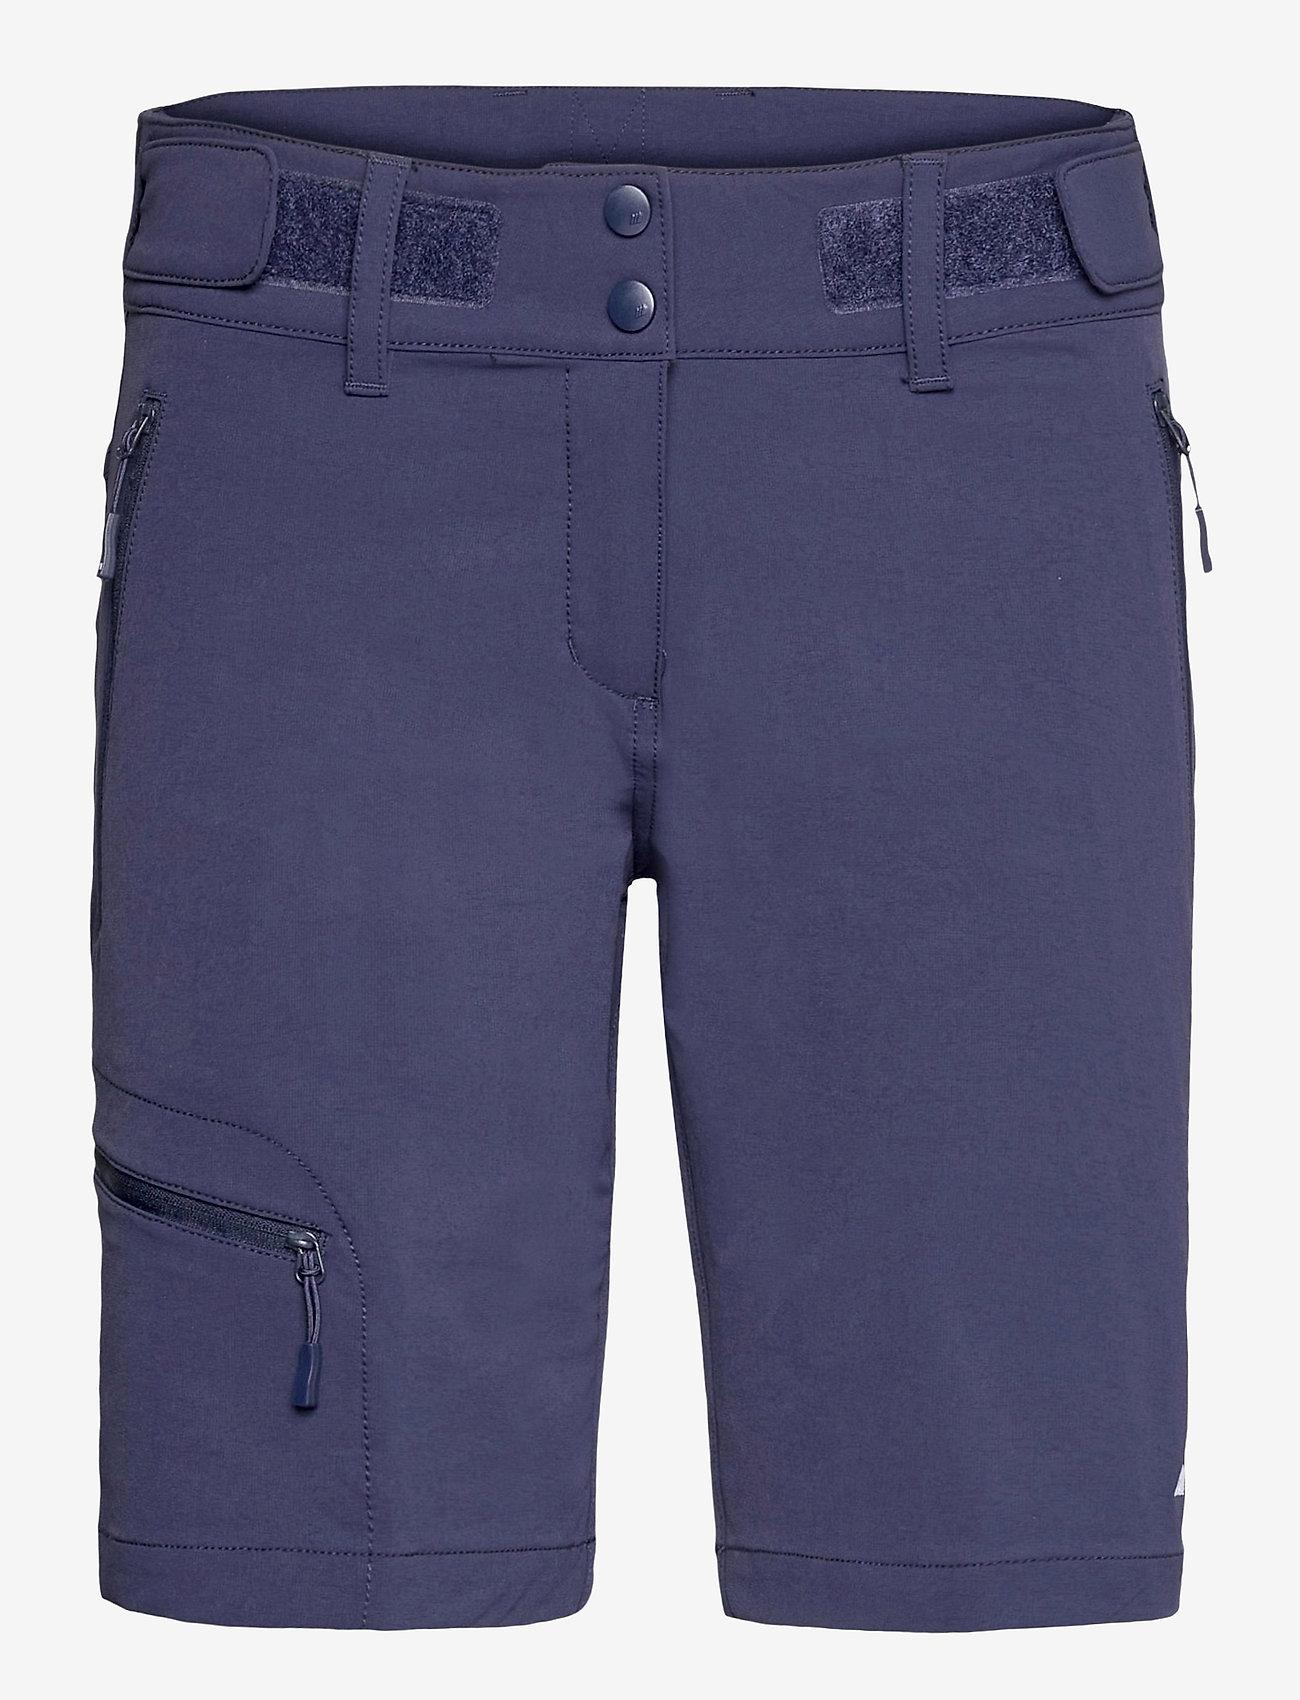 Skogstad - Veotinden   Shorts - chaussures de course - prime navy - 0